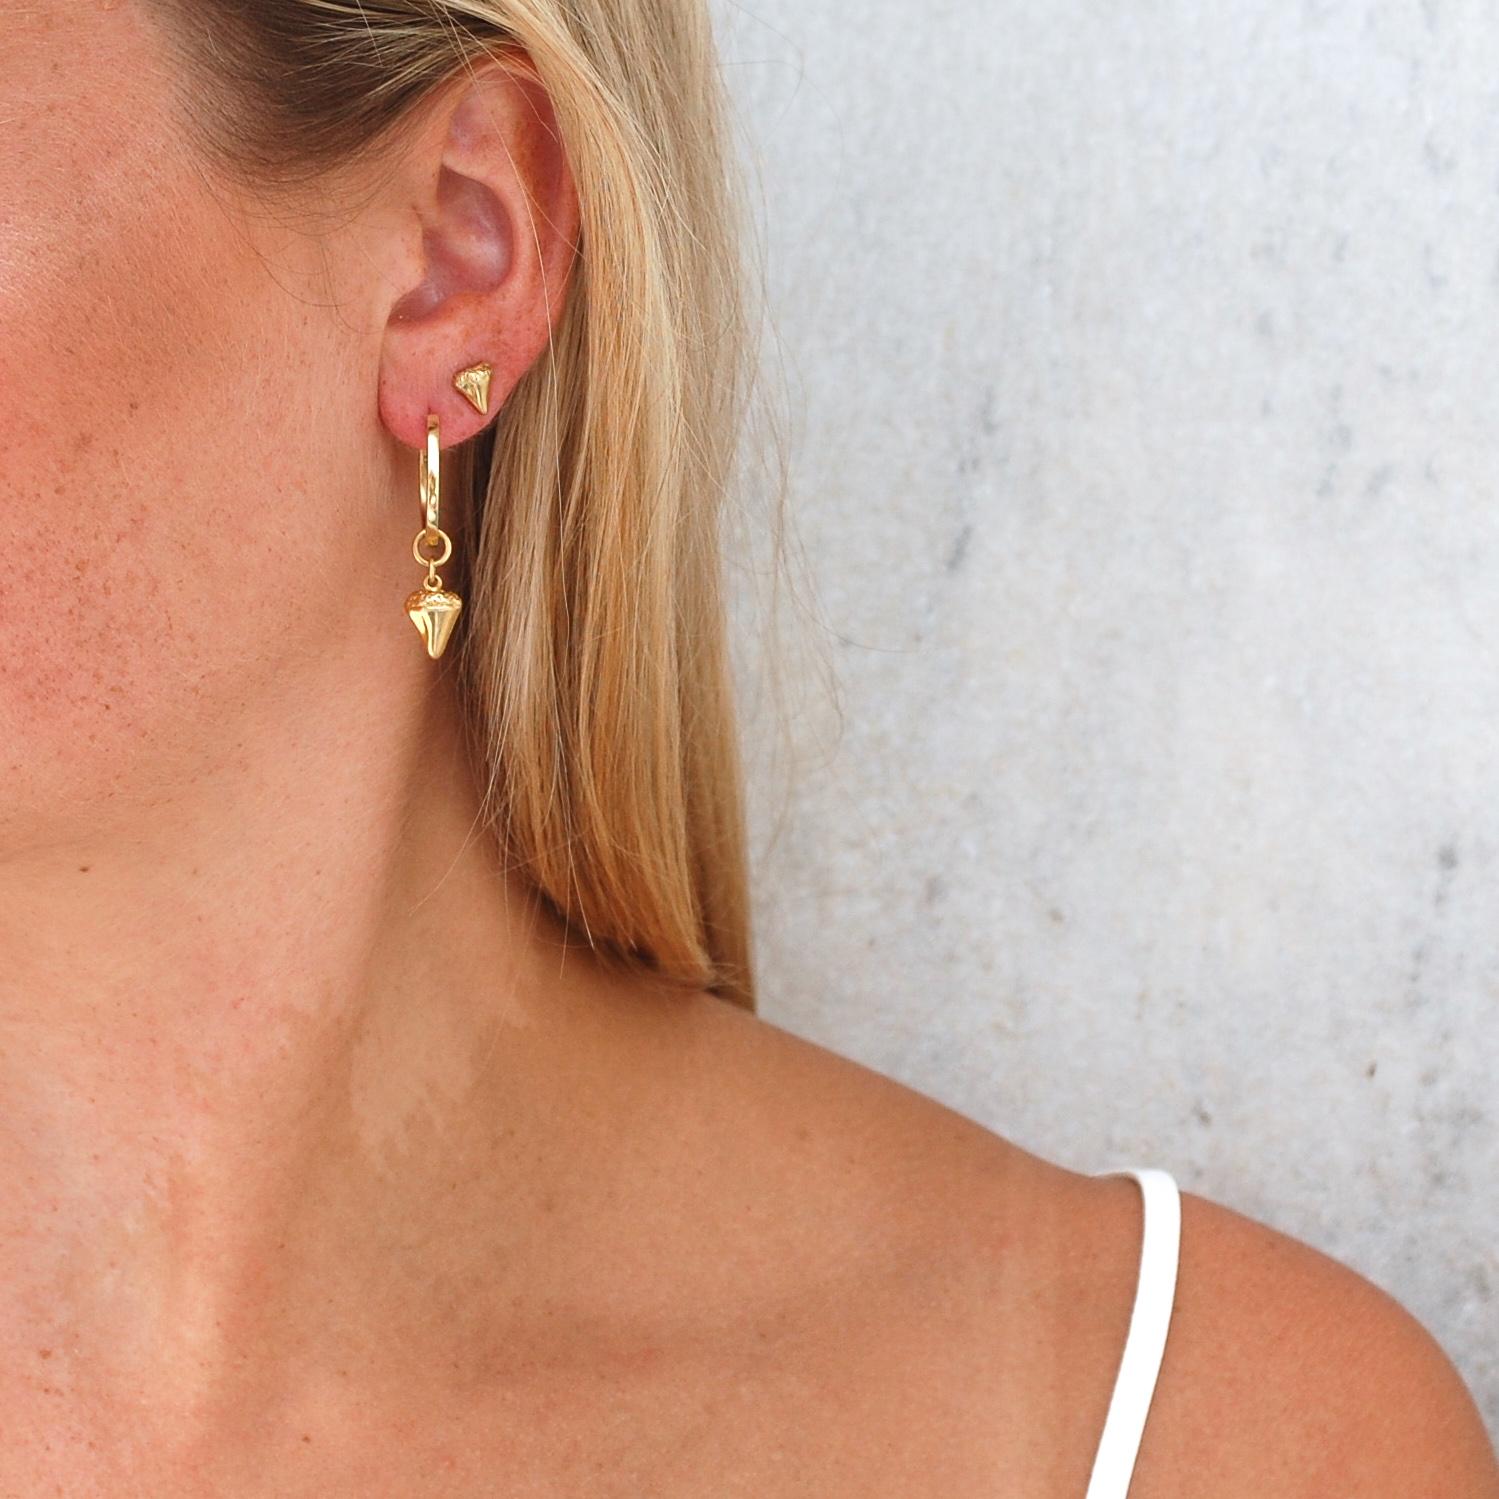 Bite Me Hoop Earrings in Gold